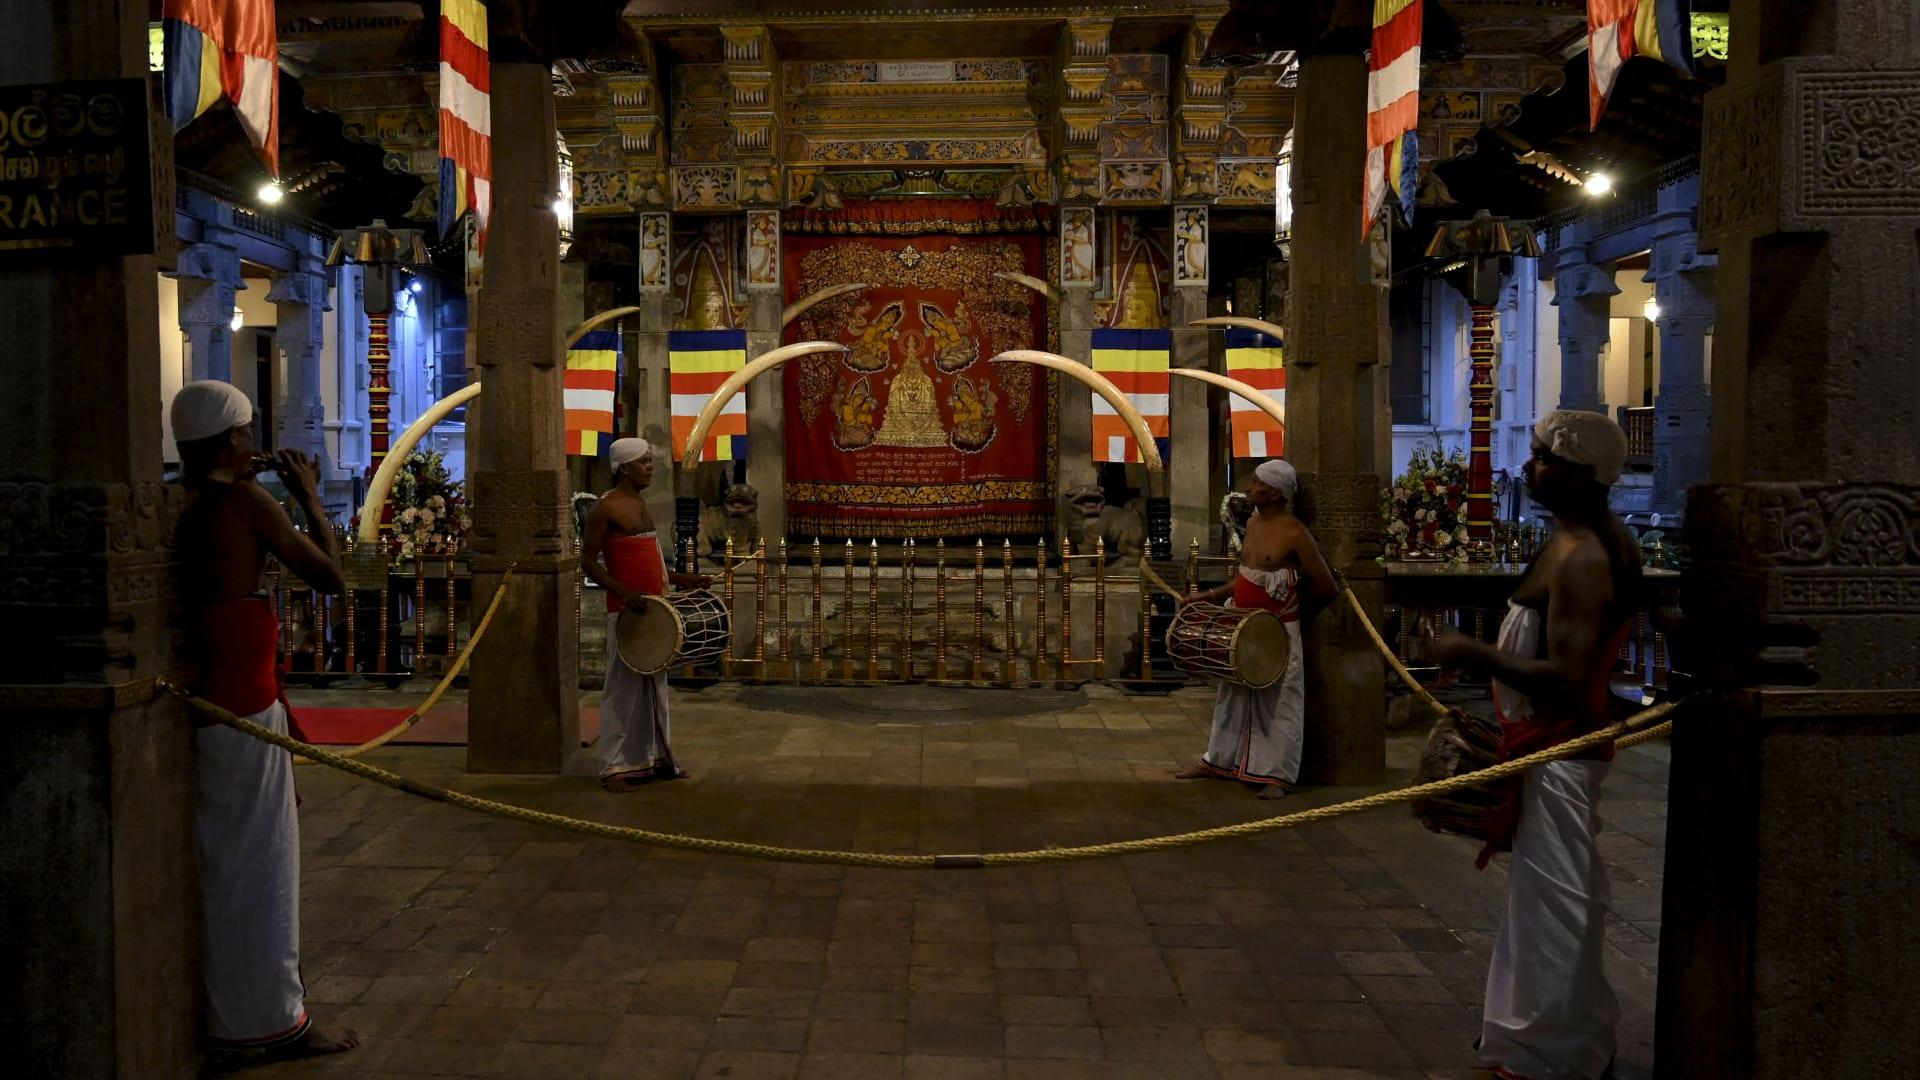 متحف ومعبد بوذا توث ريليك